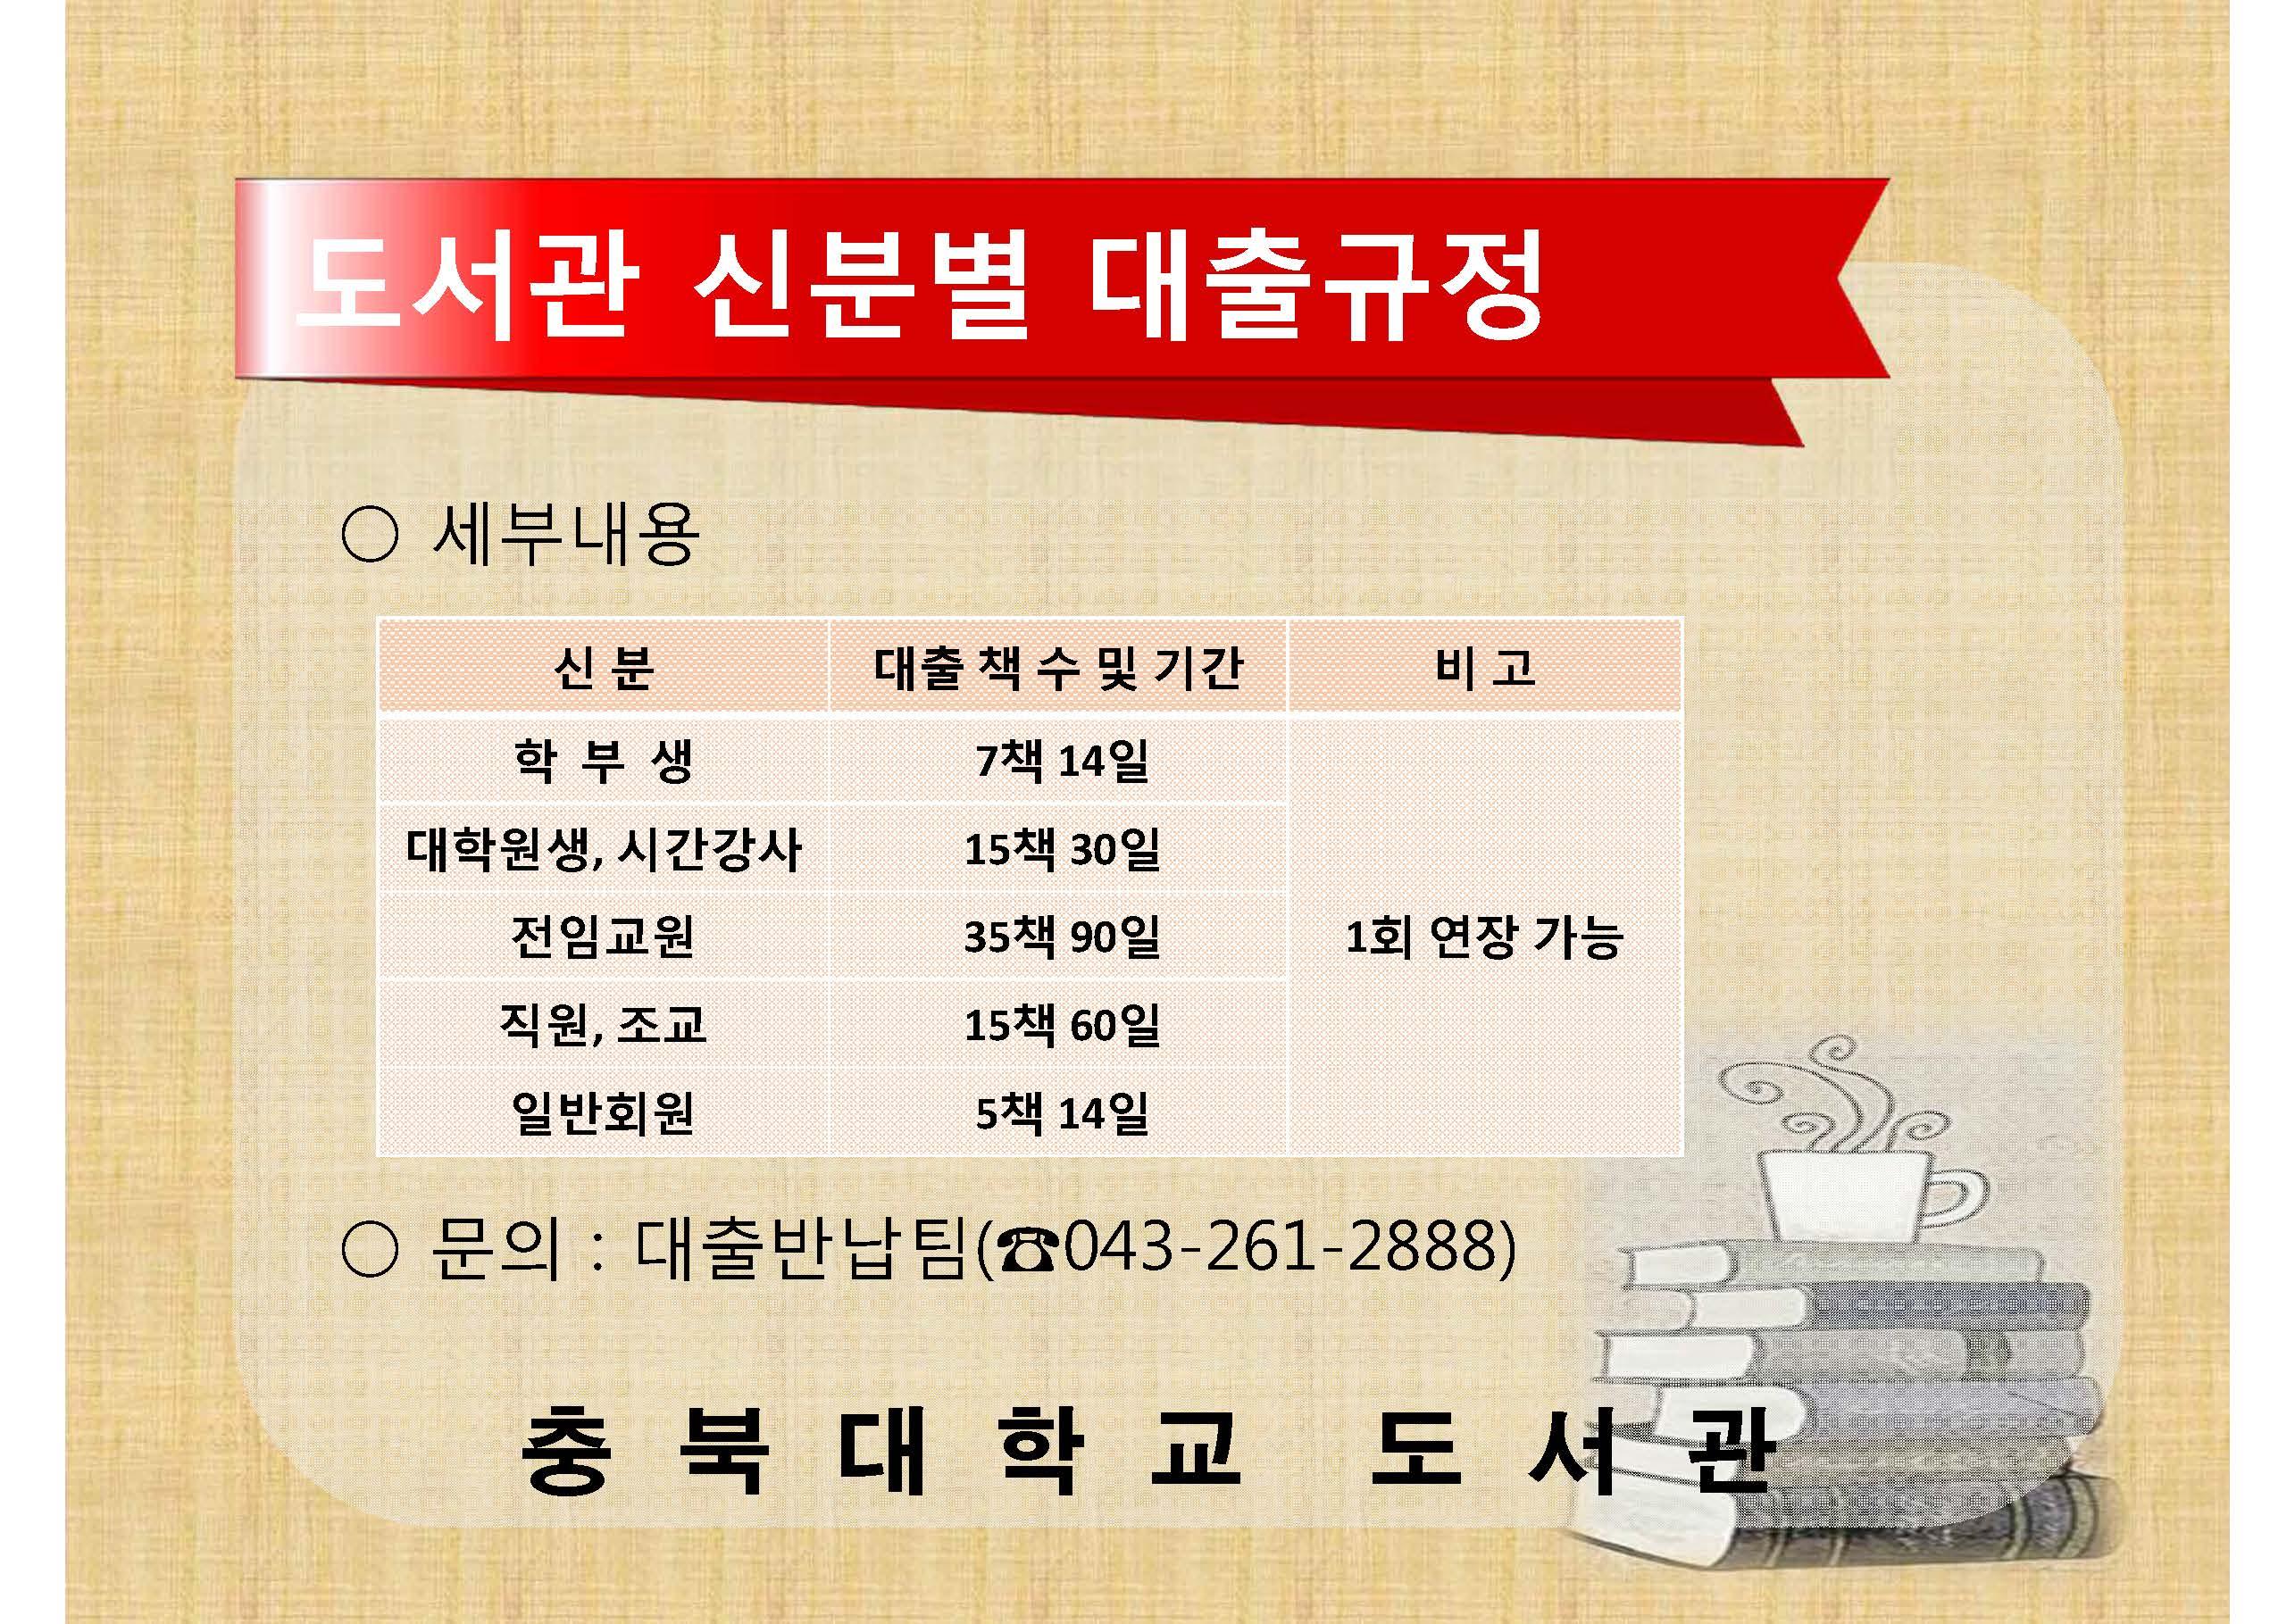 도서관 신분별 대출규정.jpg